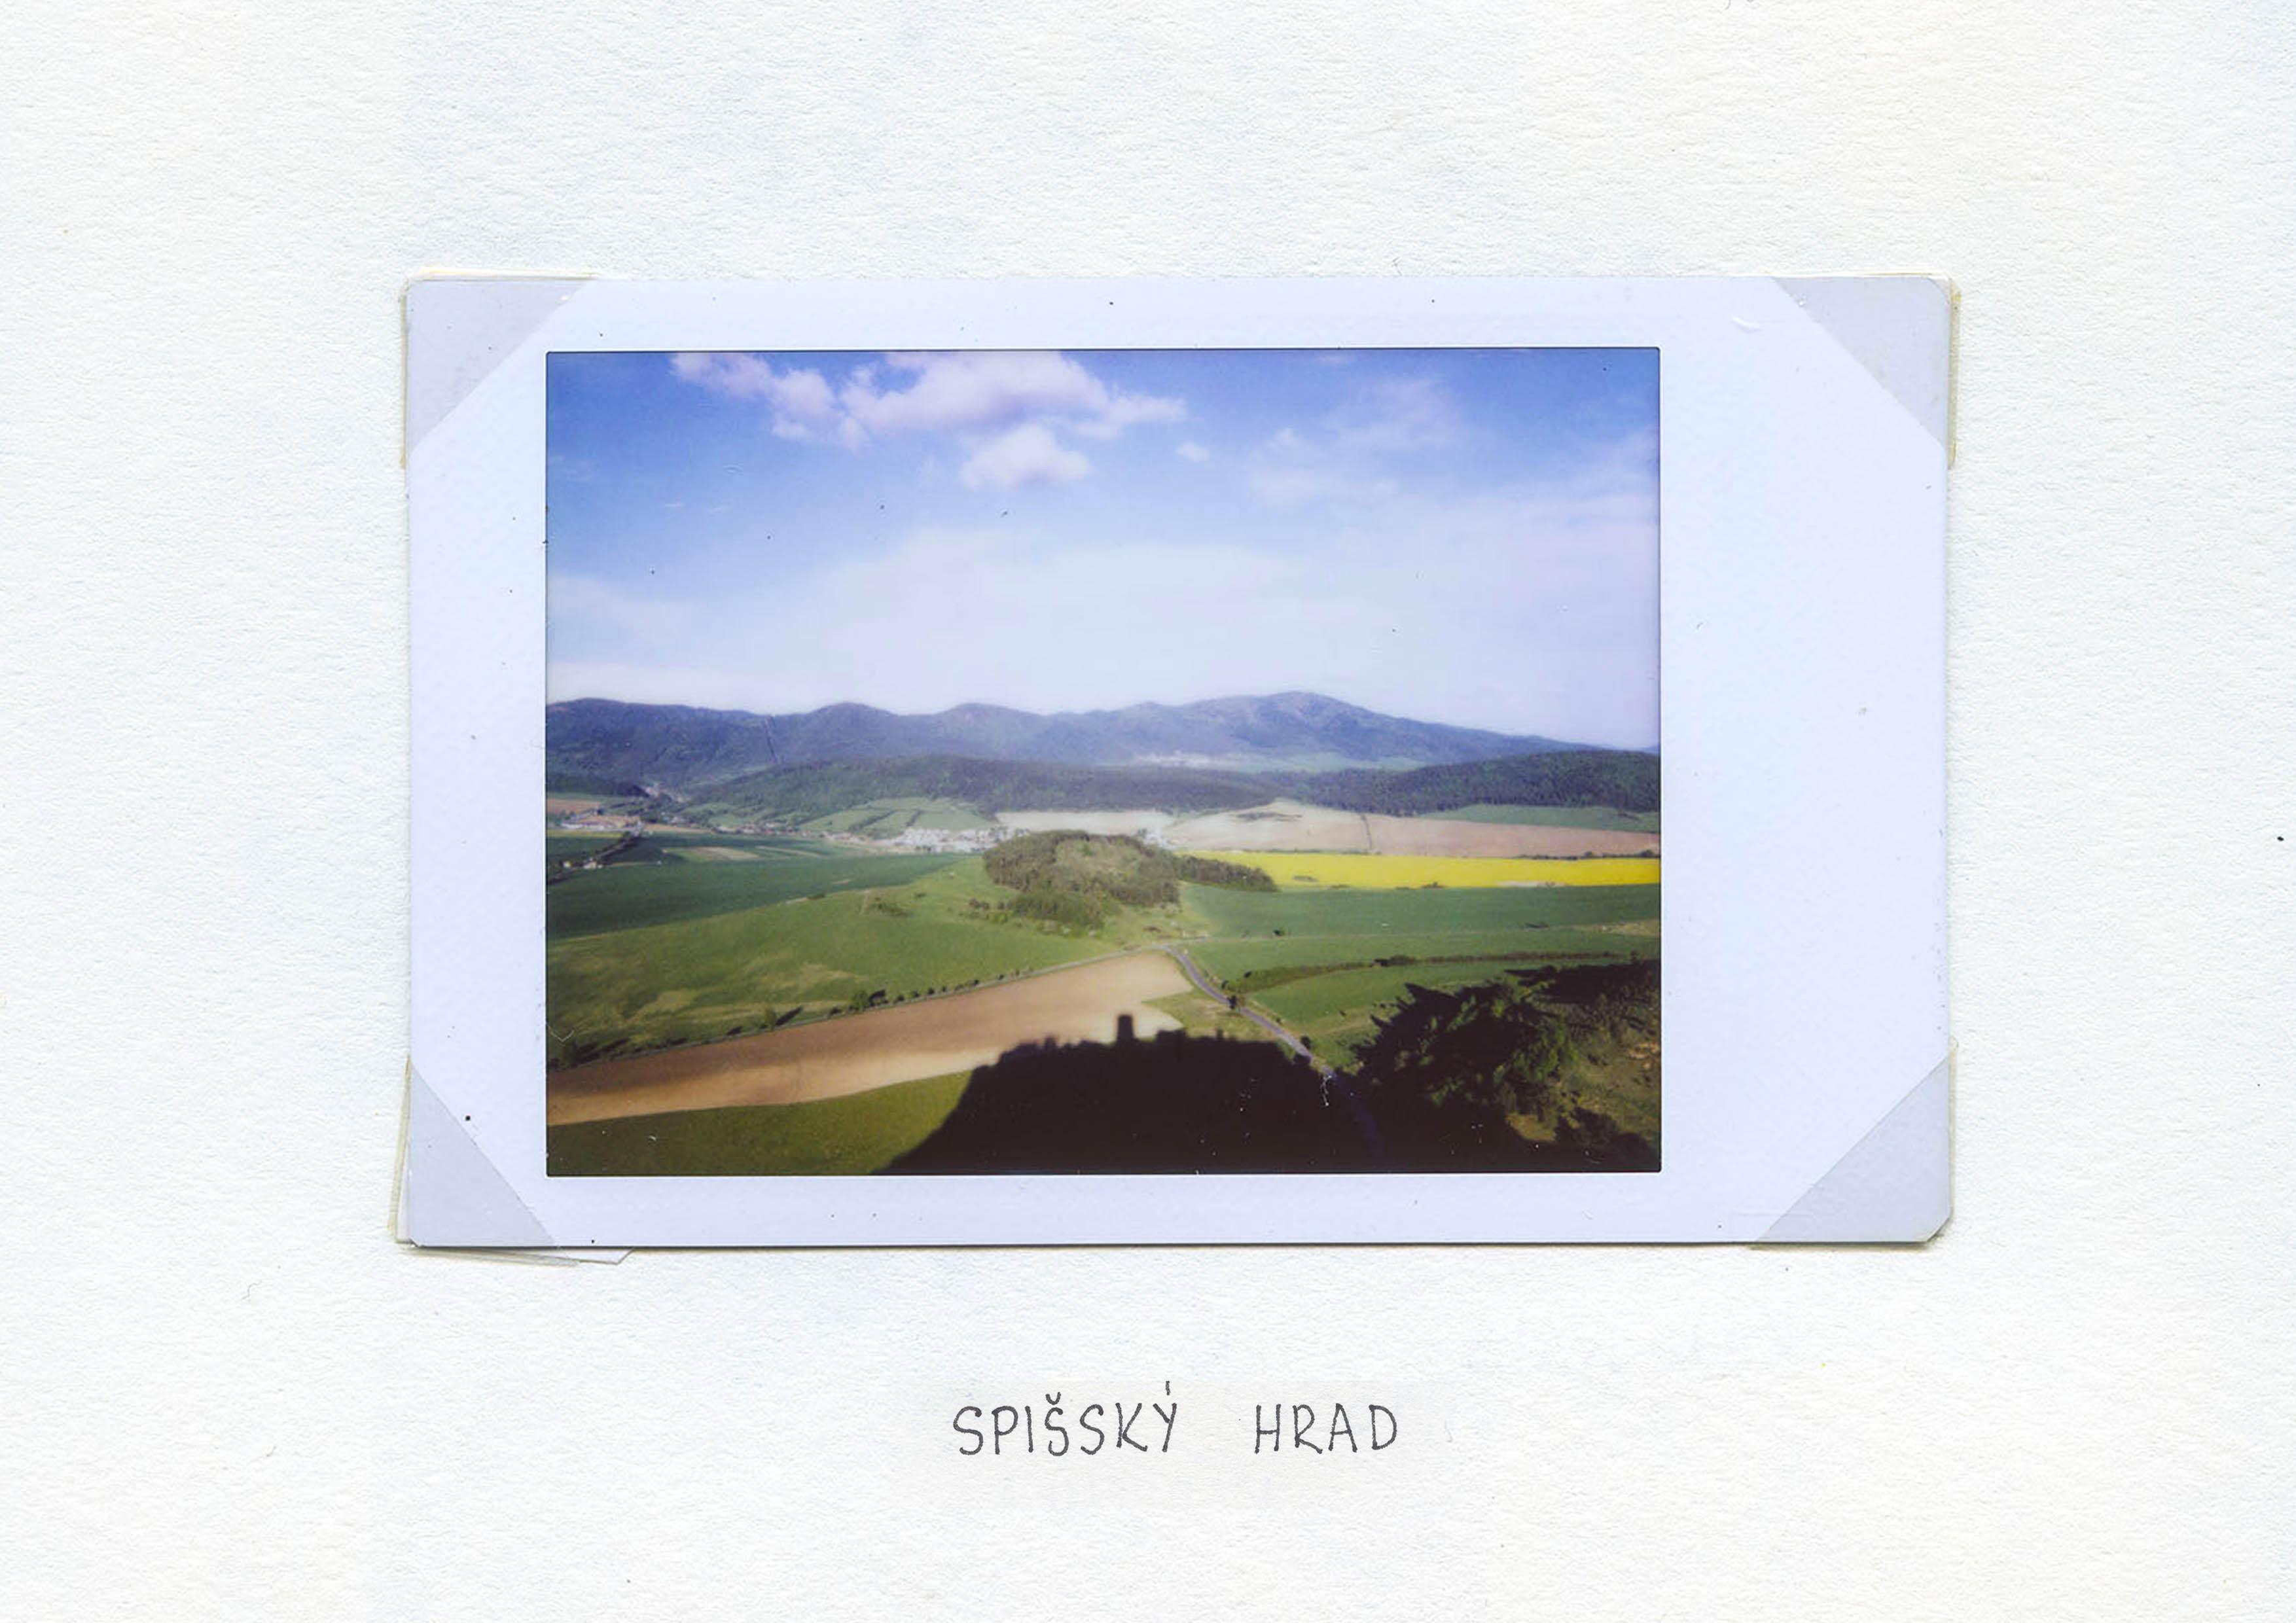 fujifilm instax instant fotka